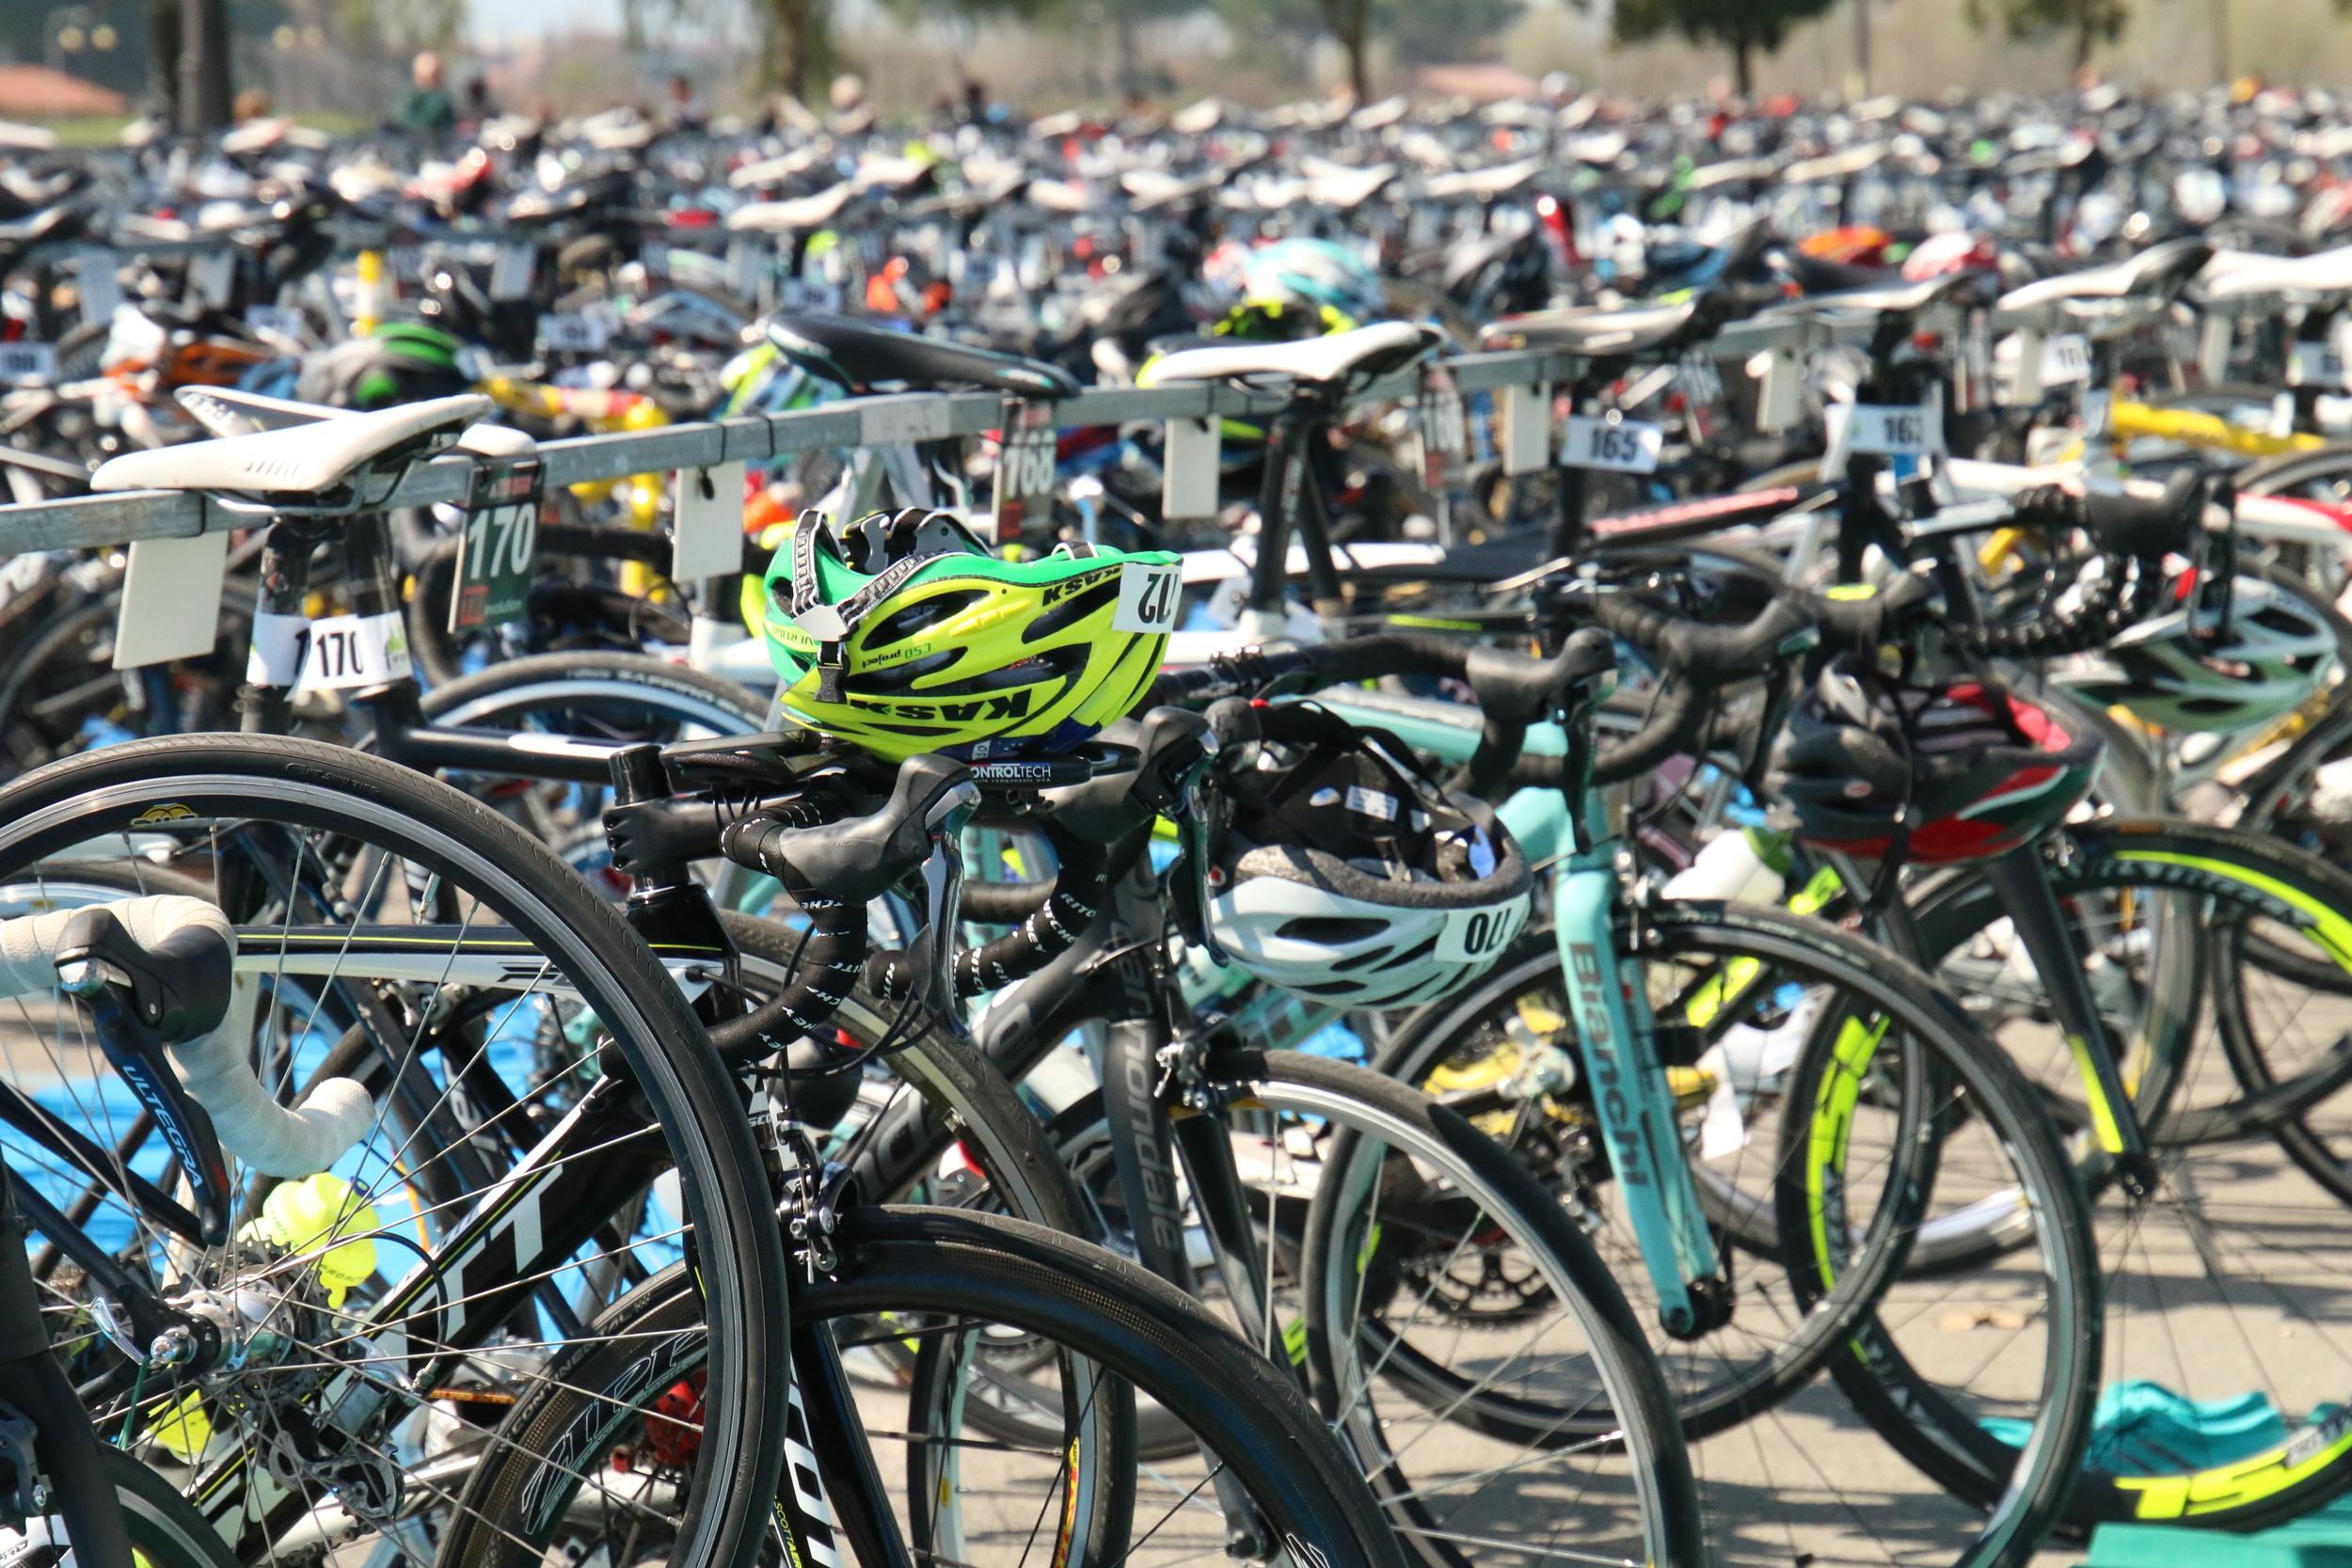 vastriathlon bici.JPG